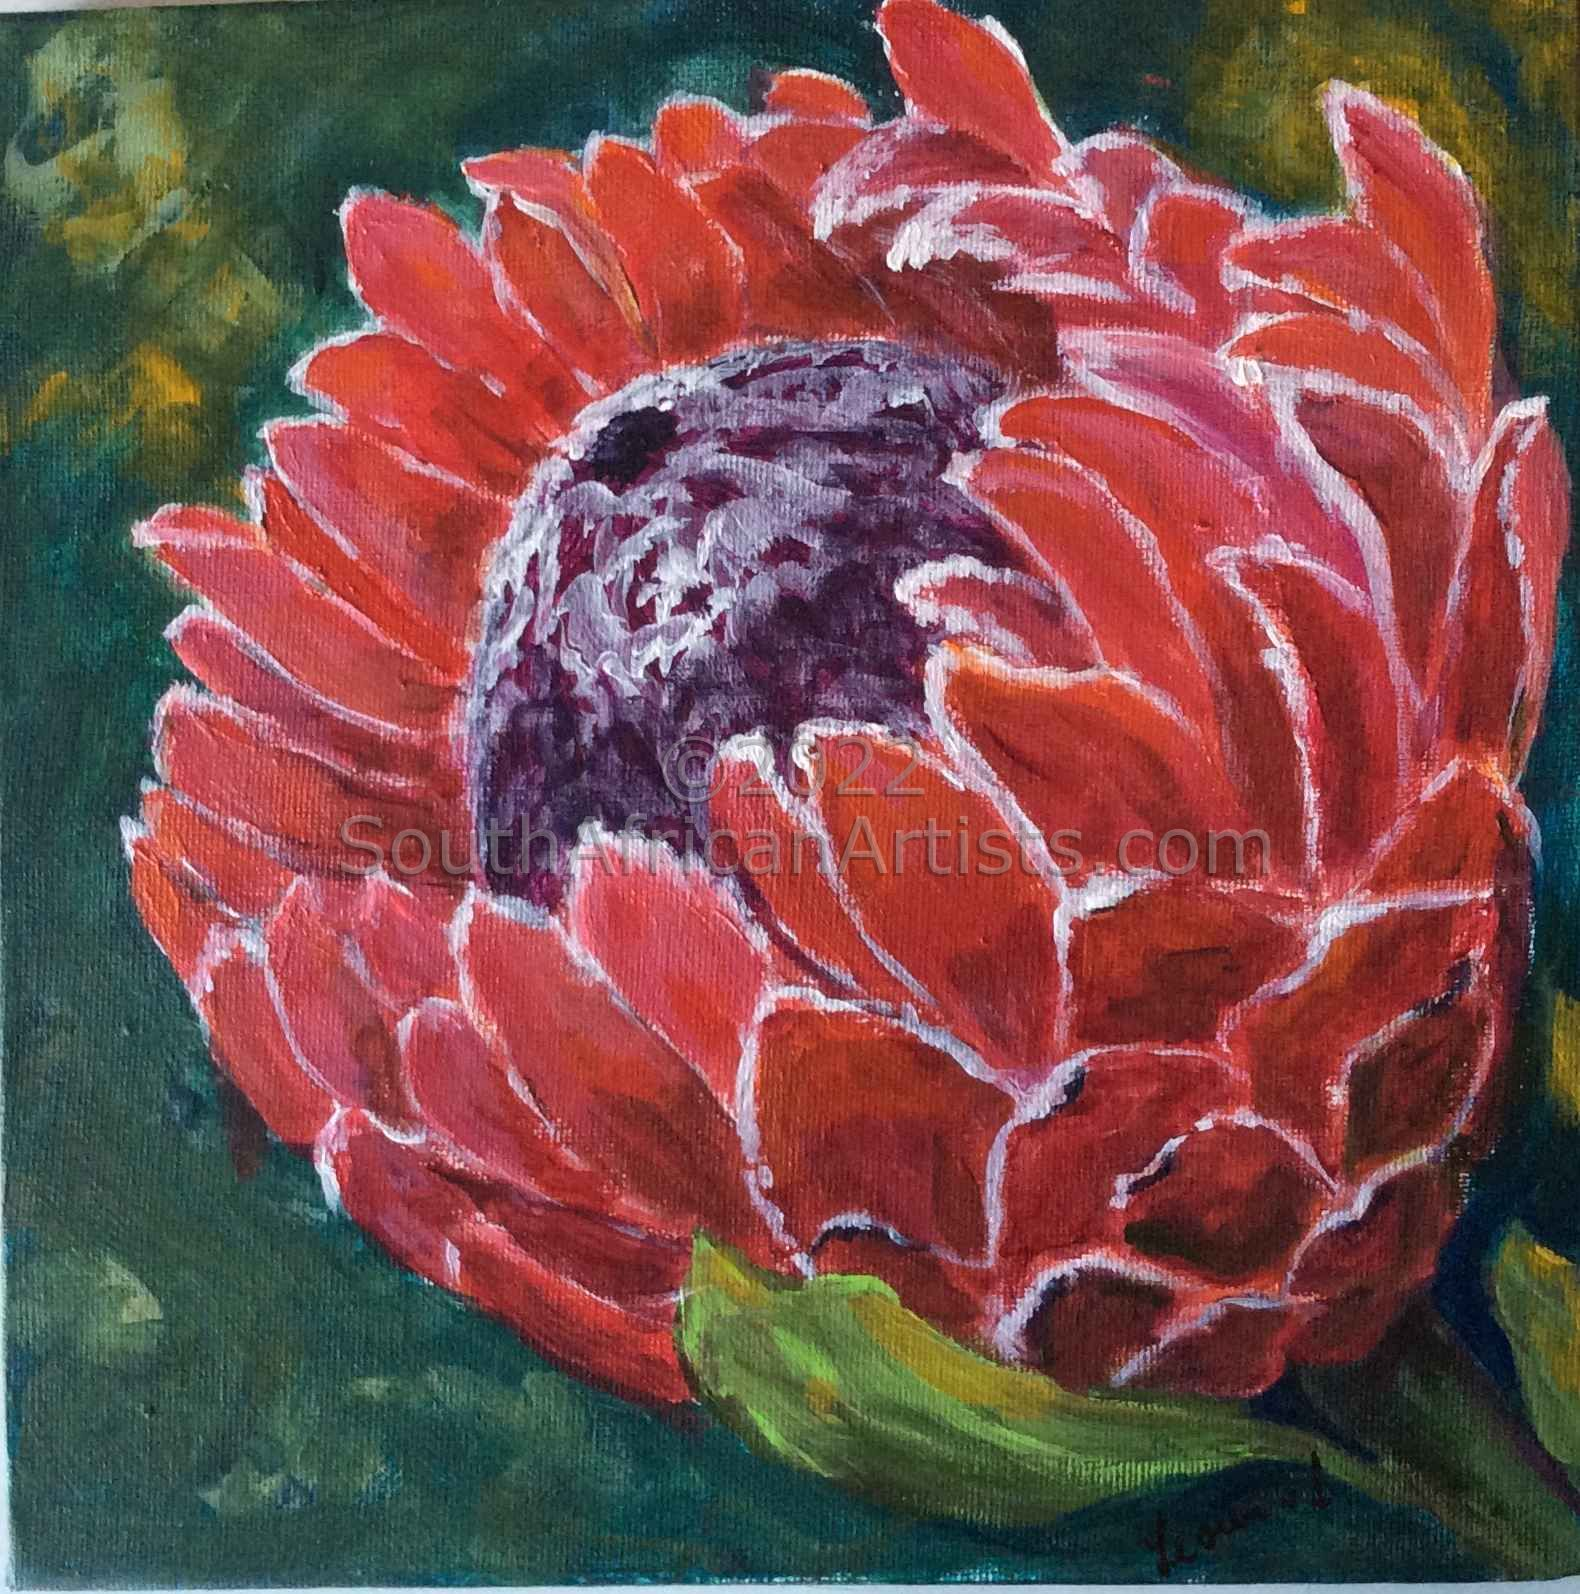 My Protea